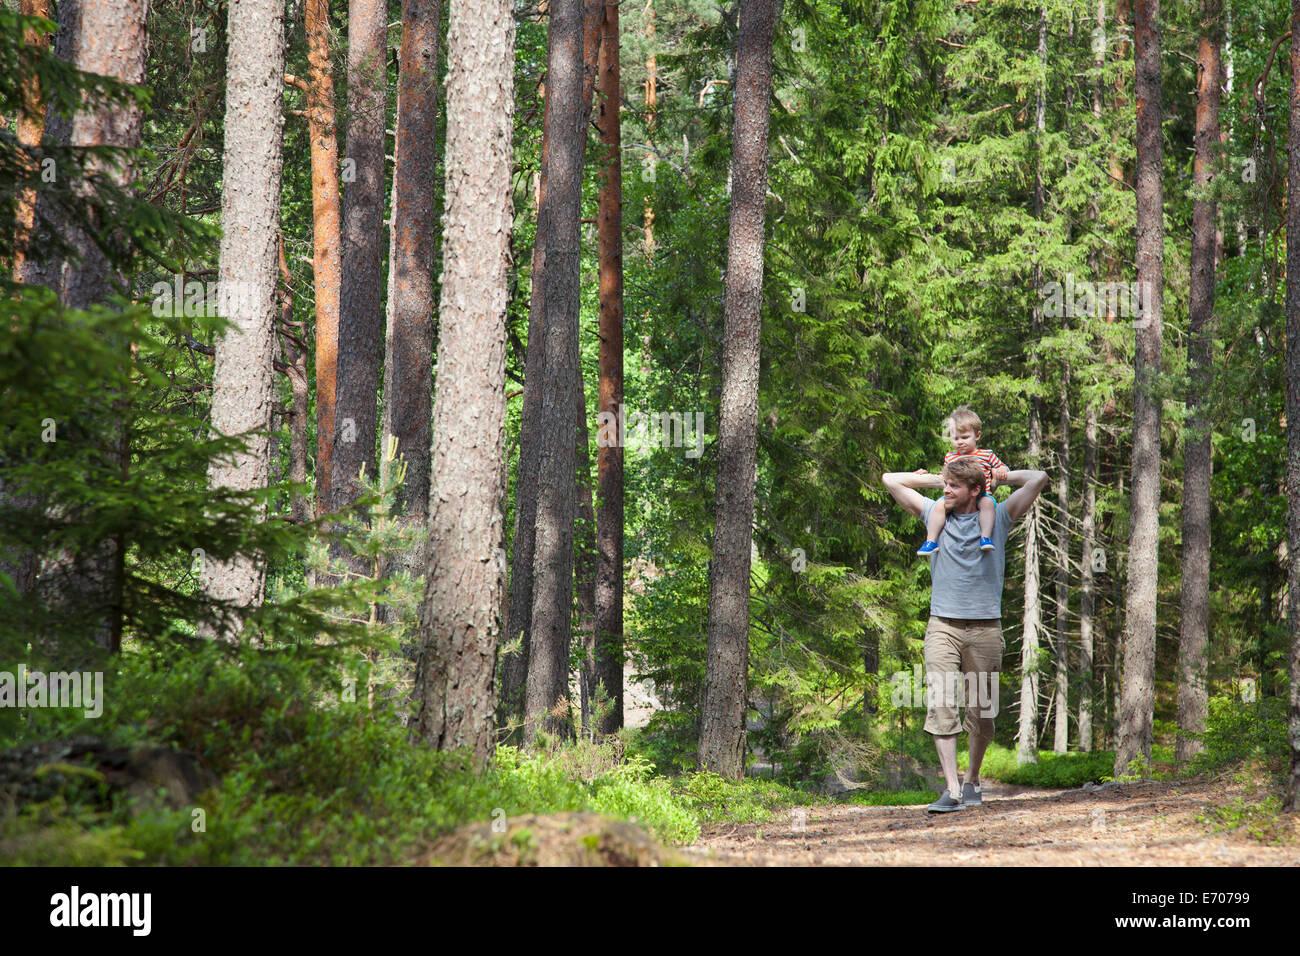 Vater Schulter mit kleinen Sohn durch Wald, Somerniemi, Finnland Stockbild